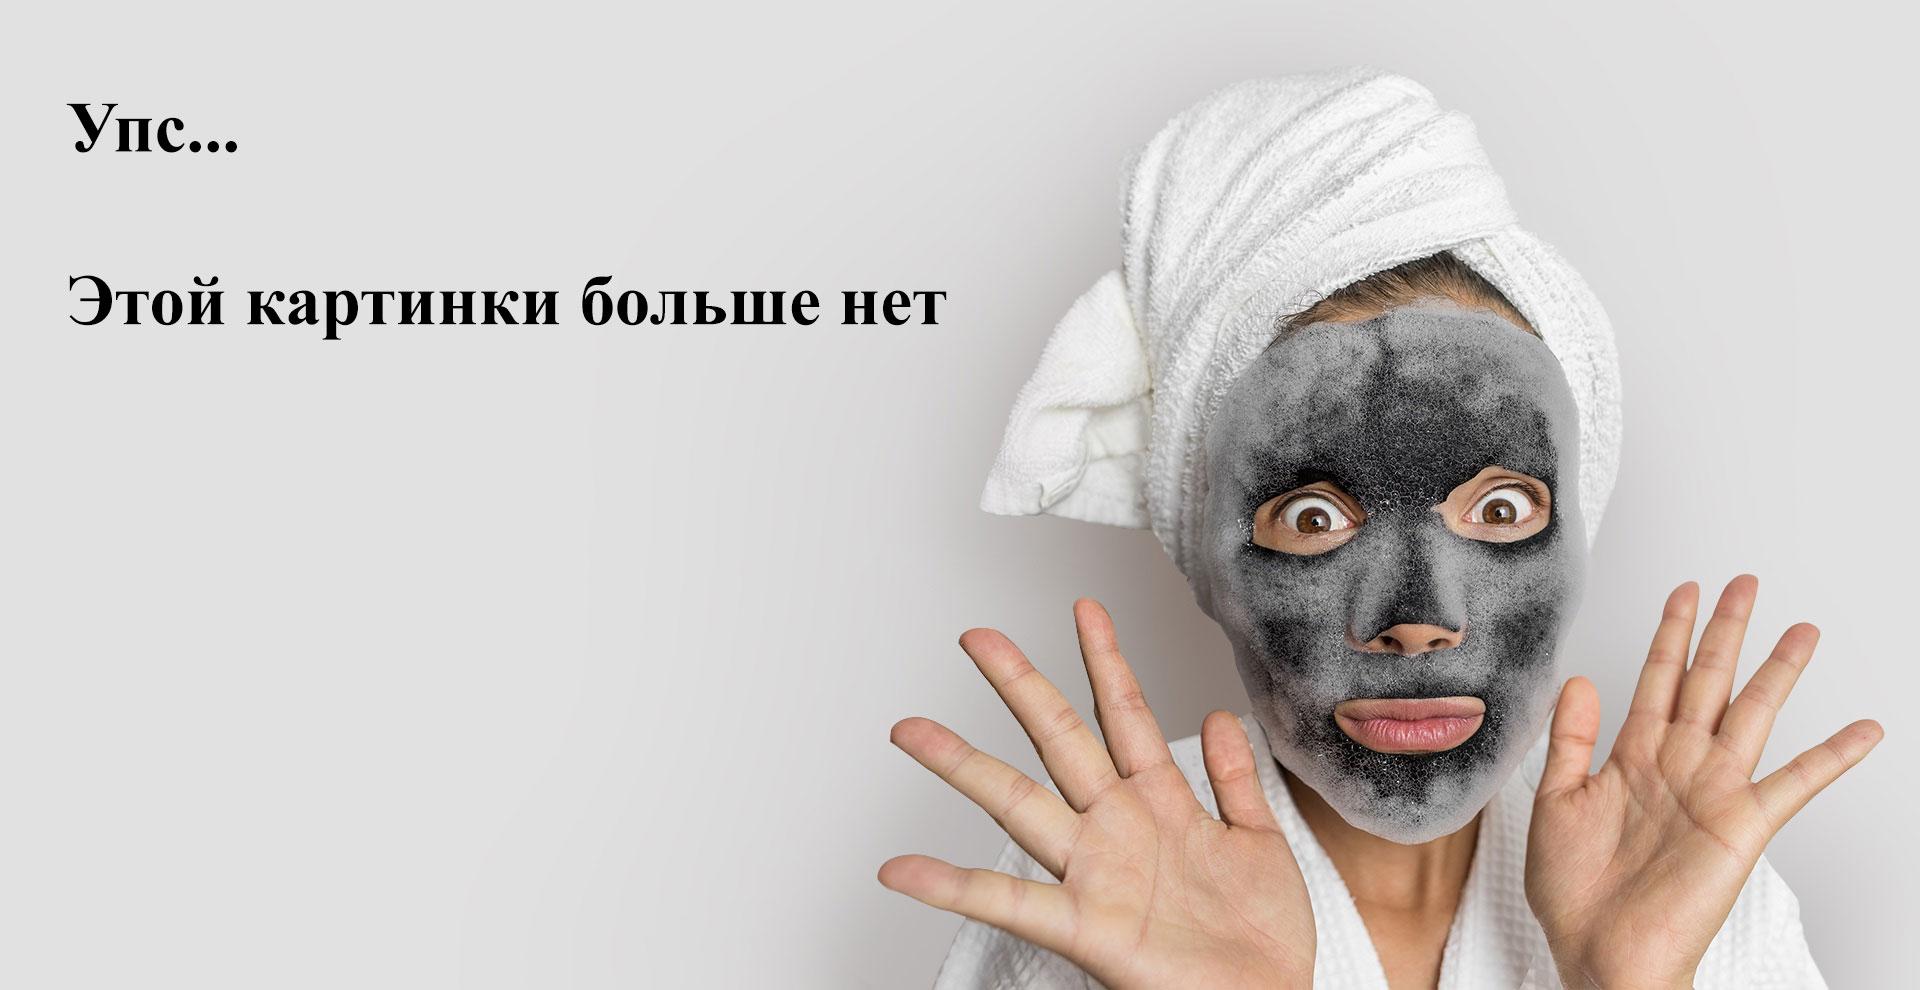 Ardell, Полоски с воском для придания формы бровям (УЦЕНКА)